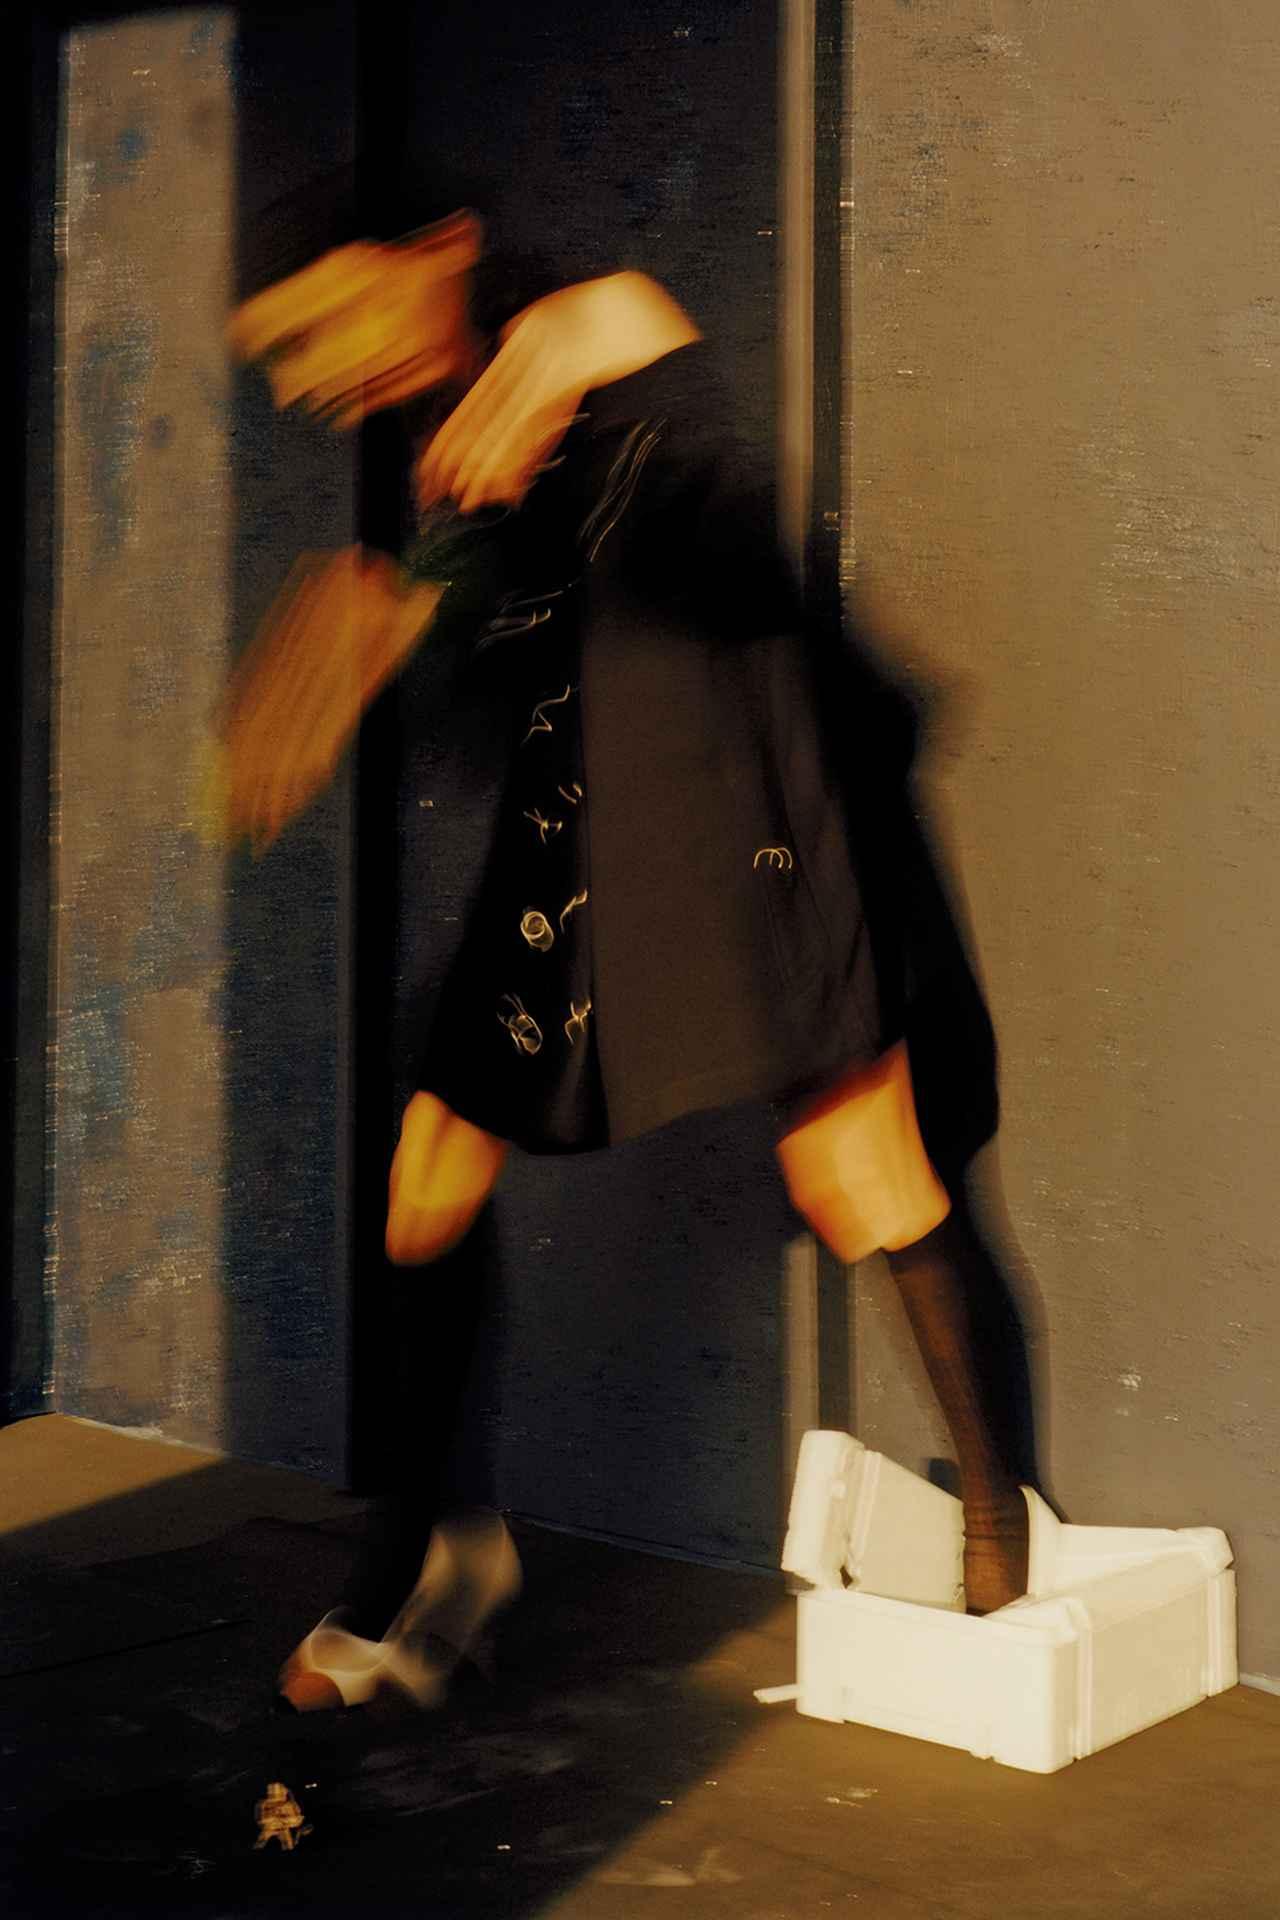 Images : 5番目の画像 - 「次に来るものは何? ファッションが描く 未来図に異変あり」のアルバム - T JAPAN:The New York Times Style Magazine 公式サイト